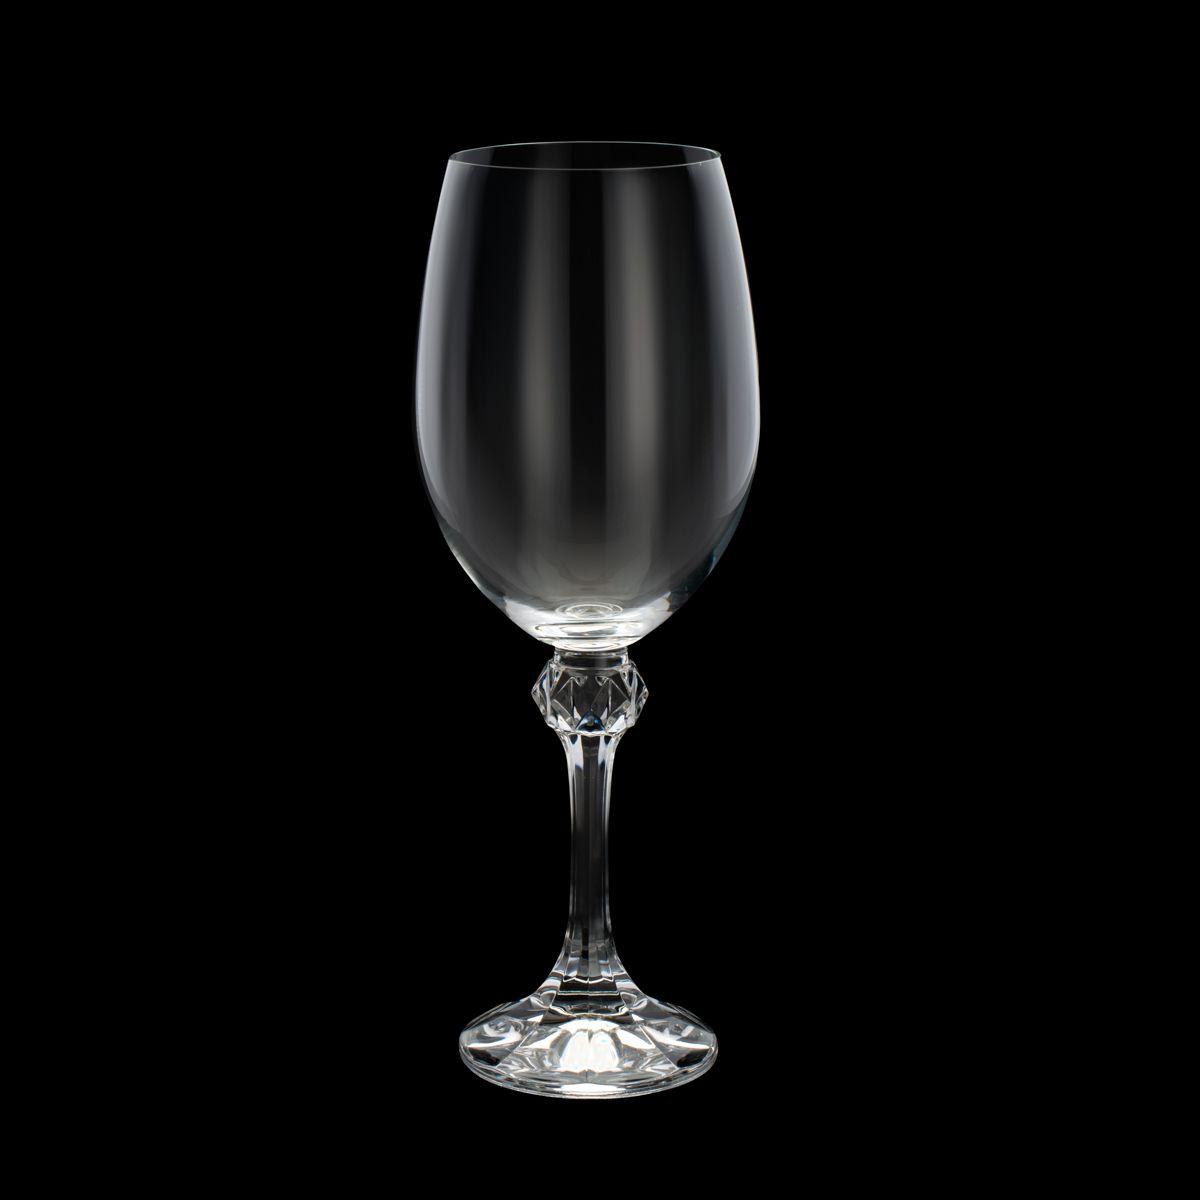 Conjunto de Taças de Vinho Tinto Bohemia Elisa 350ml em Cristal Ecológico 35087 - 6 Peças